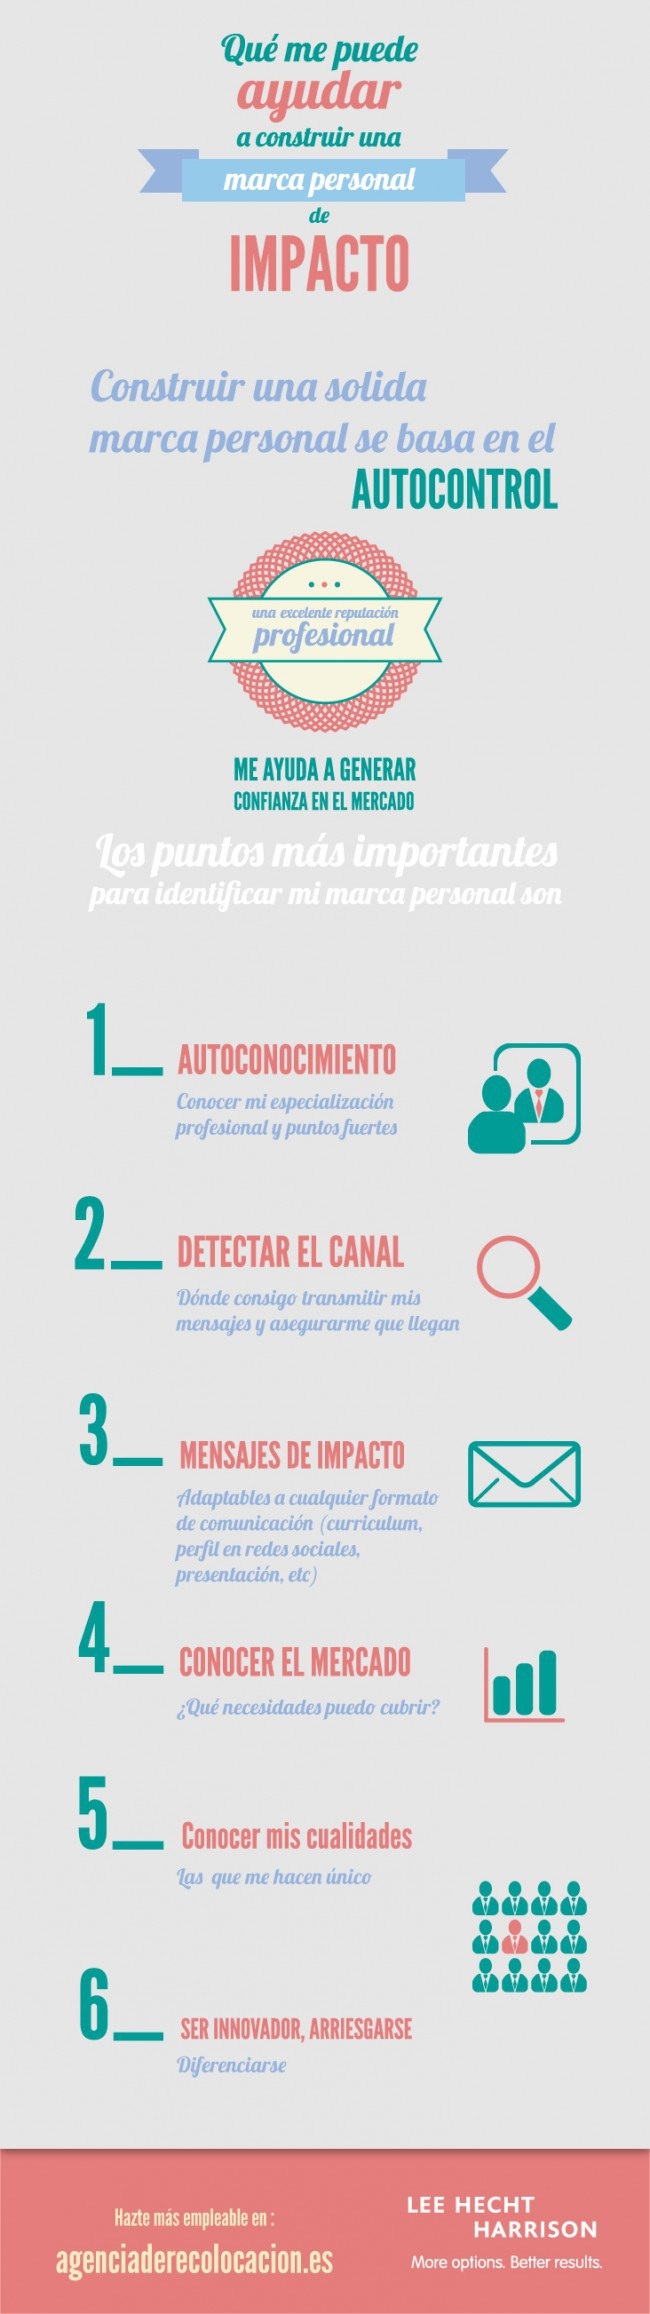 Infografia - Qué me puede ayudar a crear una Marca Personal de impacto #infografia #infographic #marketing - TICs y Formación